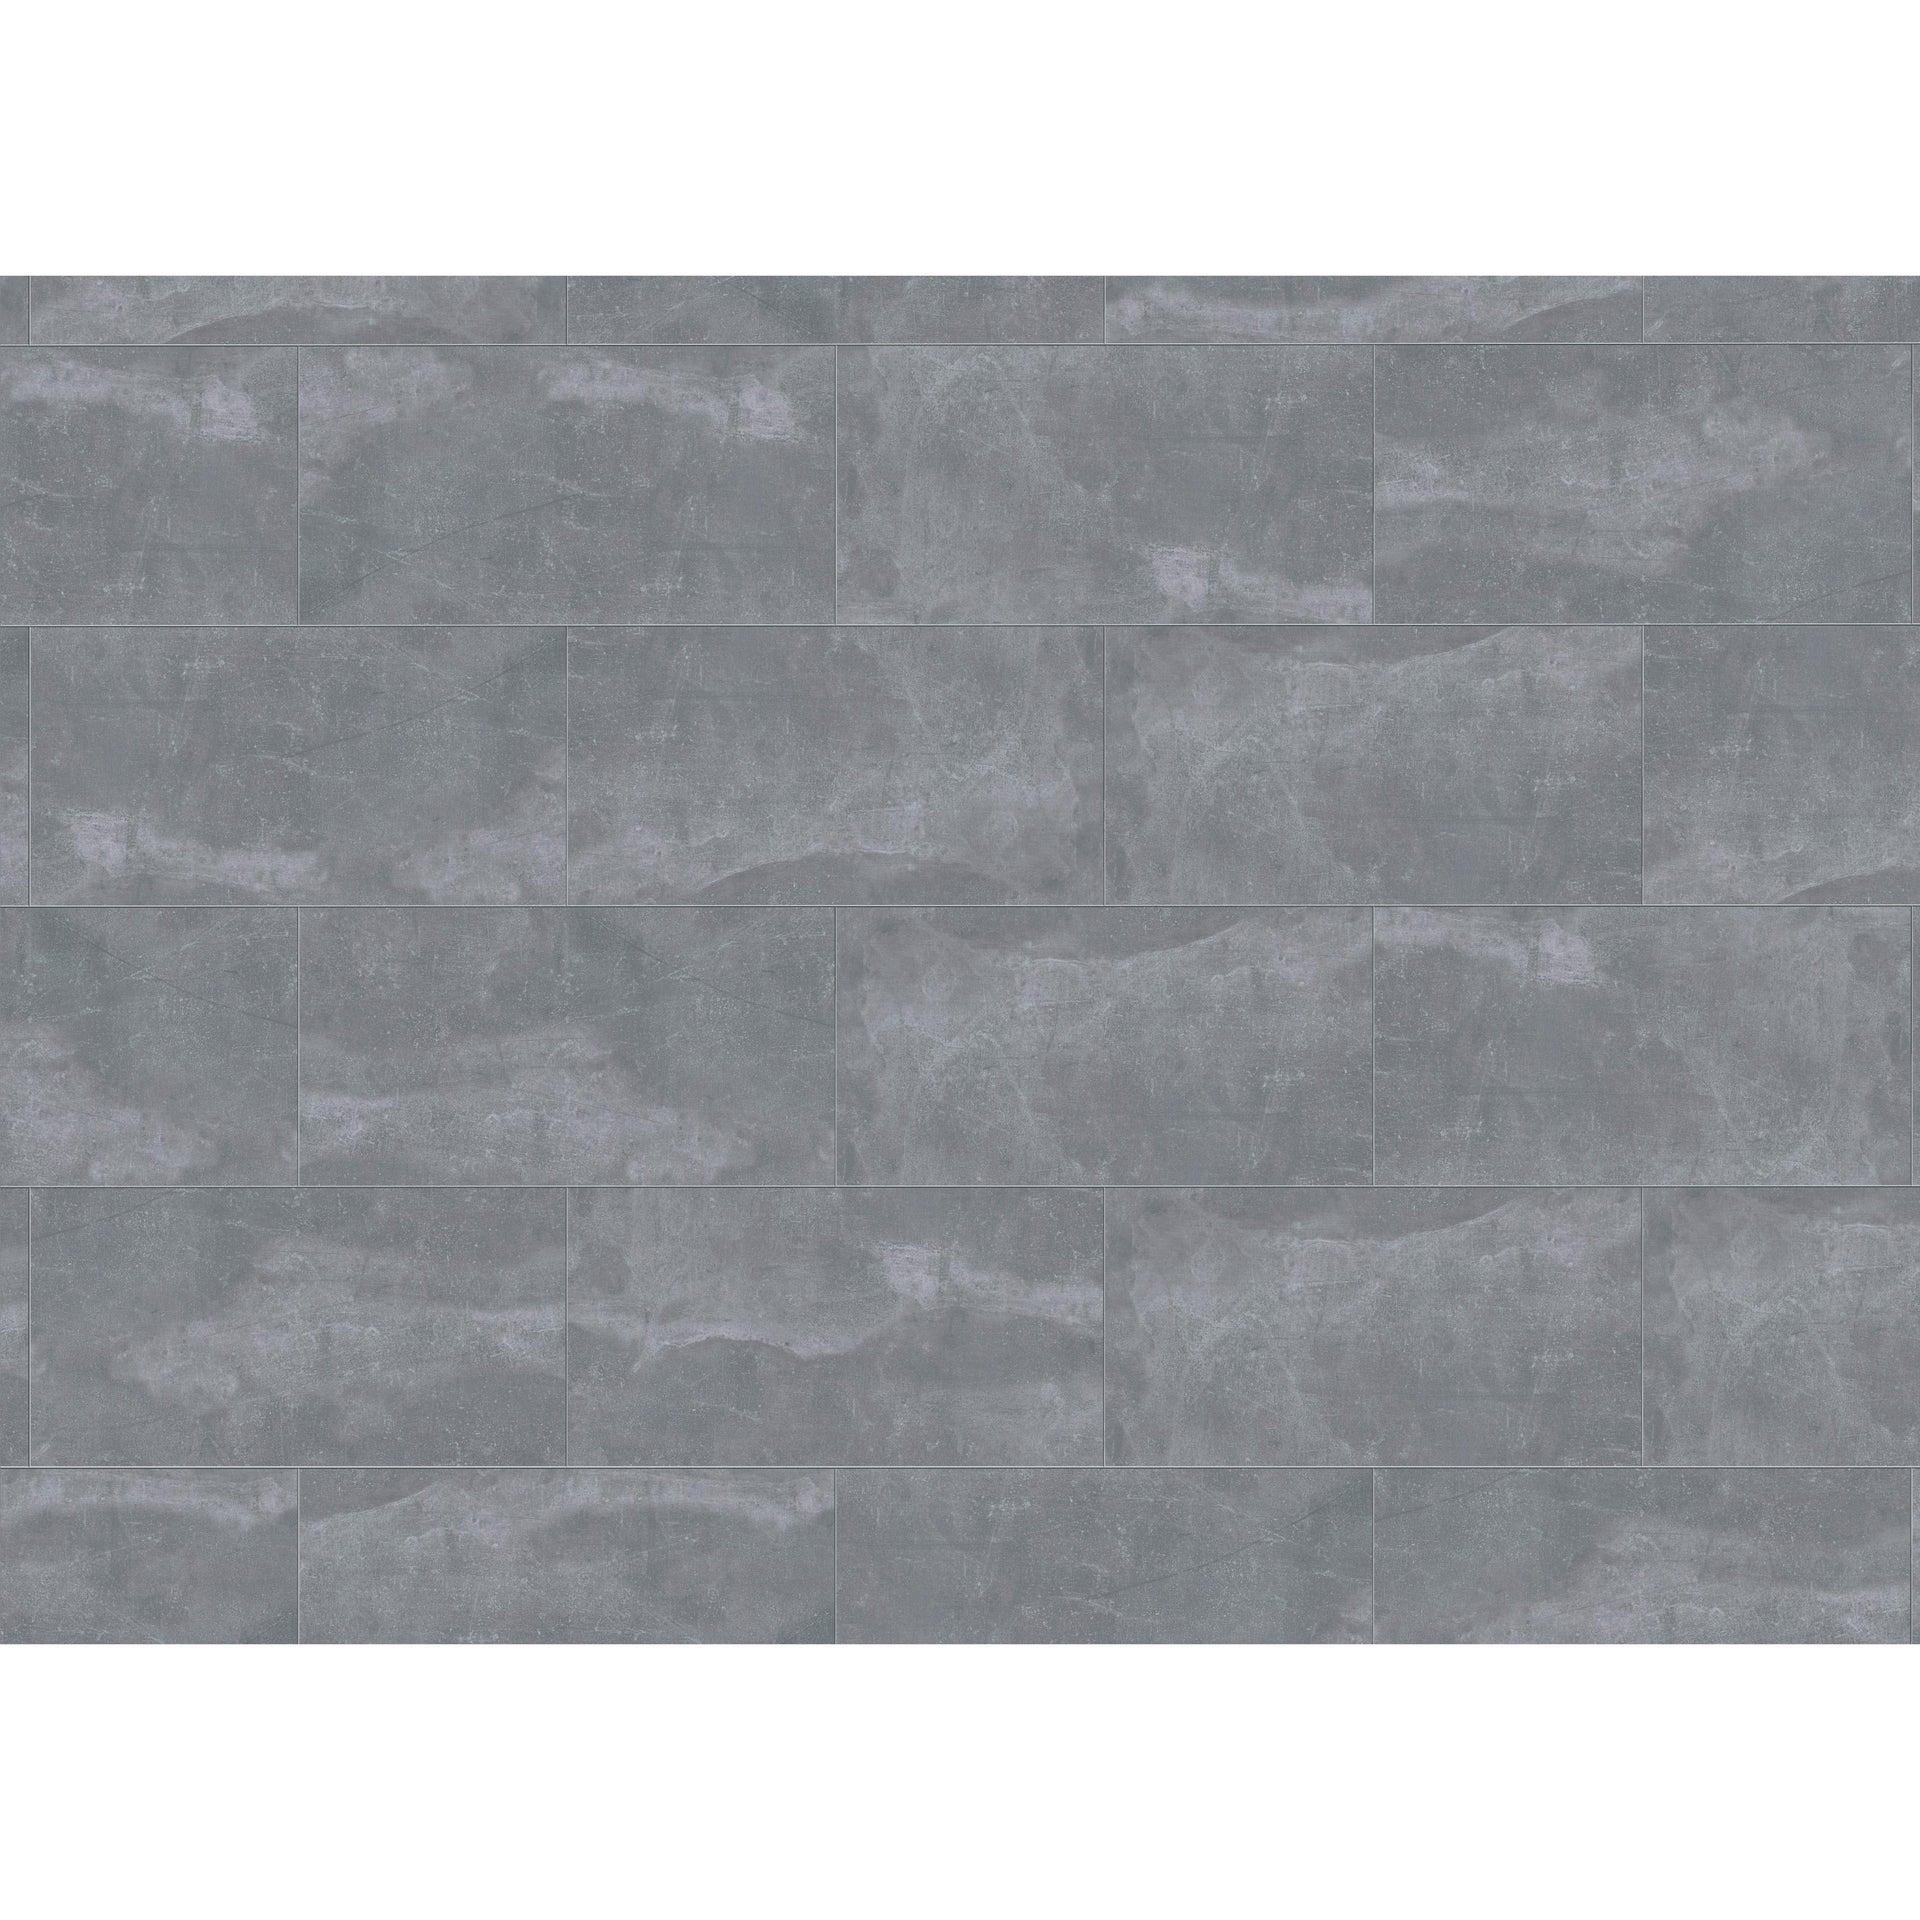 Pavimento SPC flottante clic+ Pietra Nova Industrial Sp 4.5 mm grigio / argento - 7